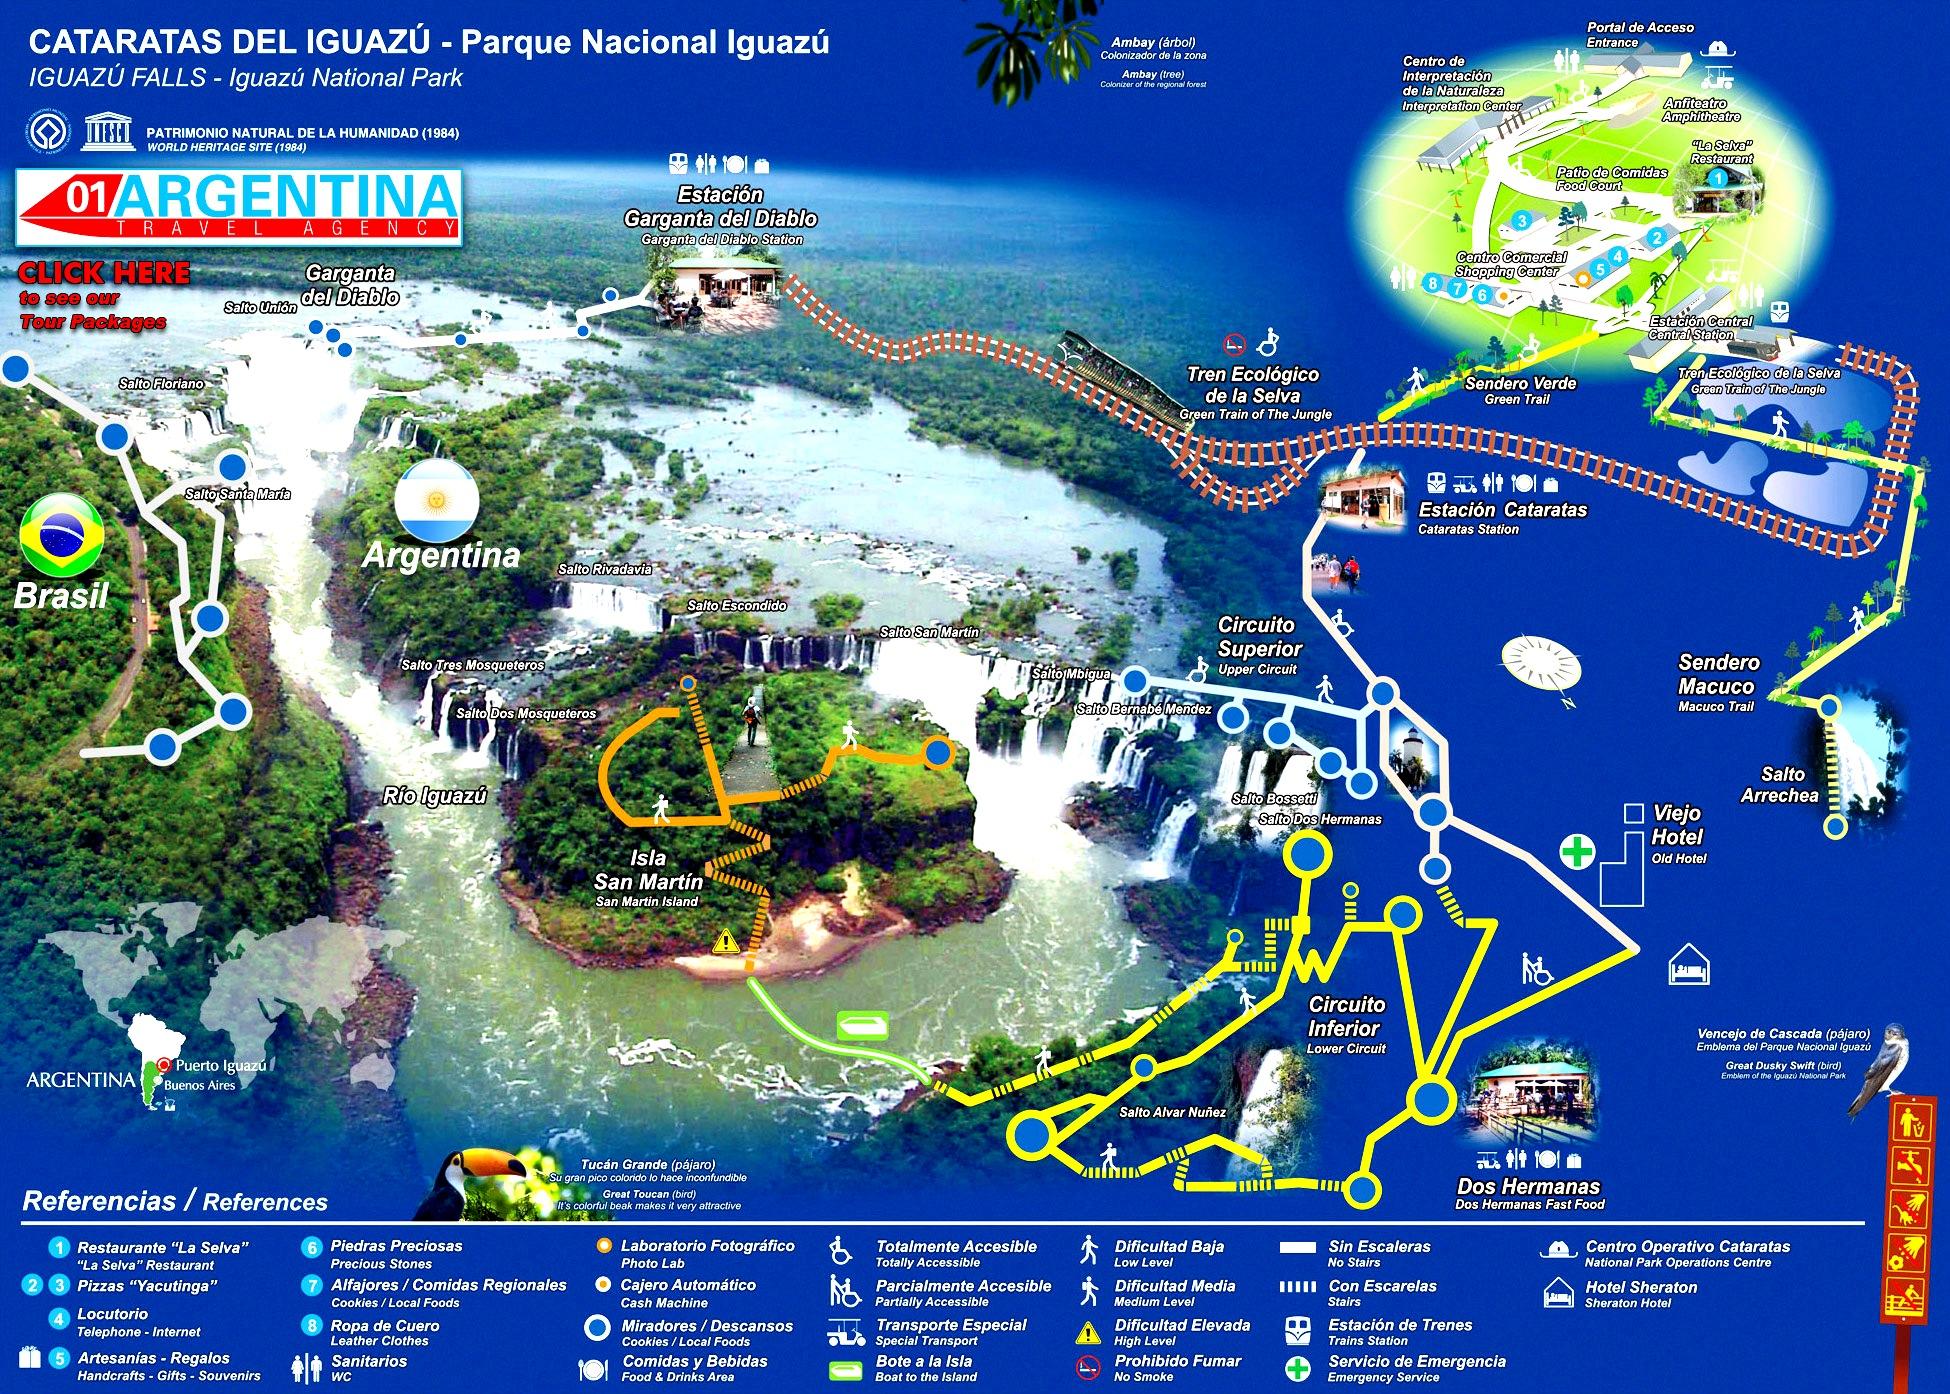 схема парка игуасу